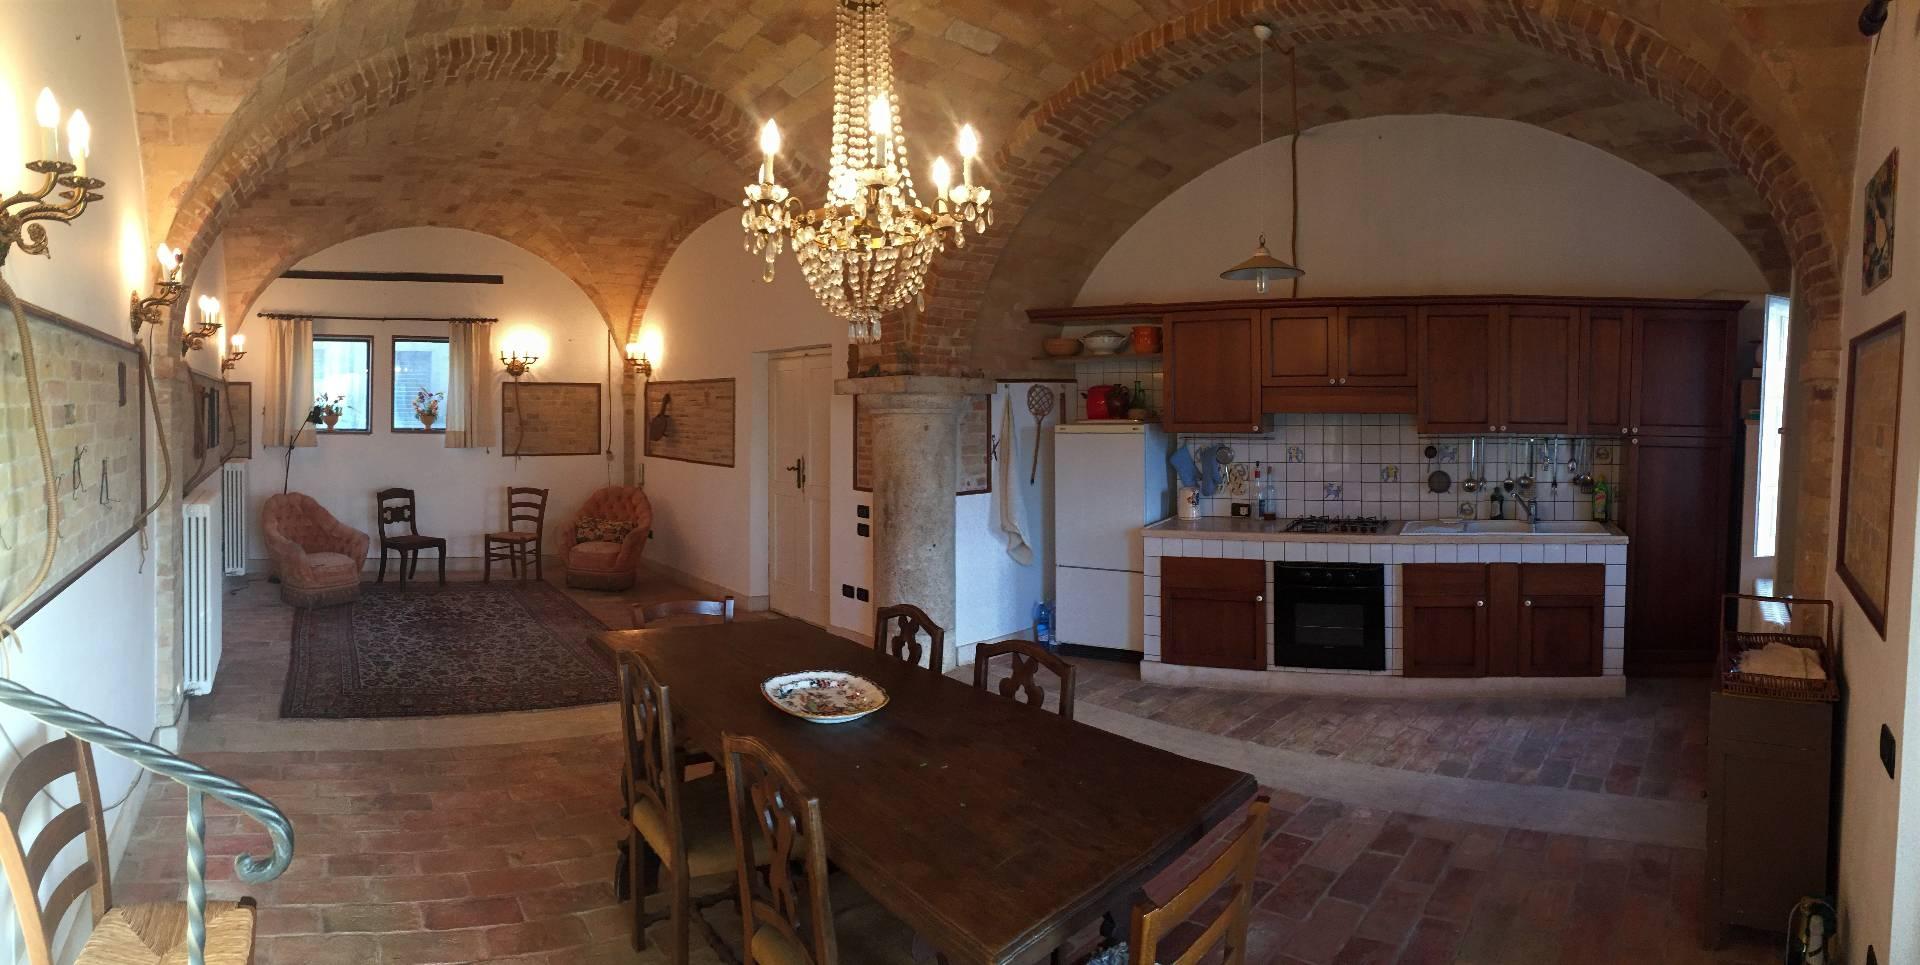 Appartamento in affitto a Torano Nuovo, 3 locali, prezzo € 450 | CambioCasa.it